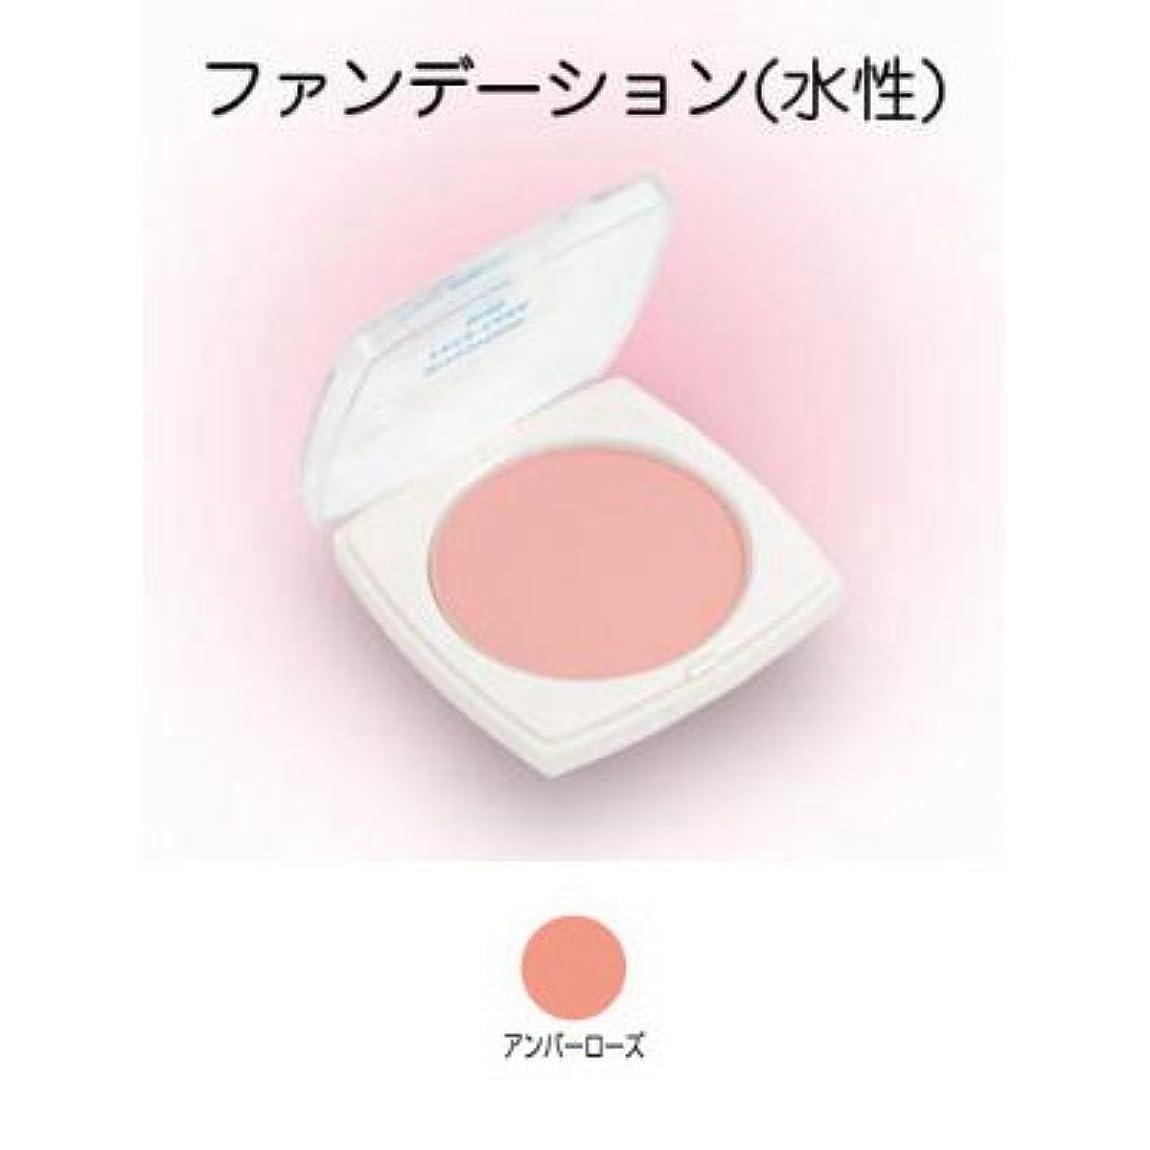 ご予約手荷物ロードされたフェースケーキ ミニ 17g アンバーローズ 【三善】